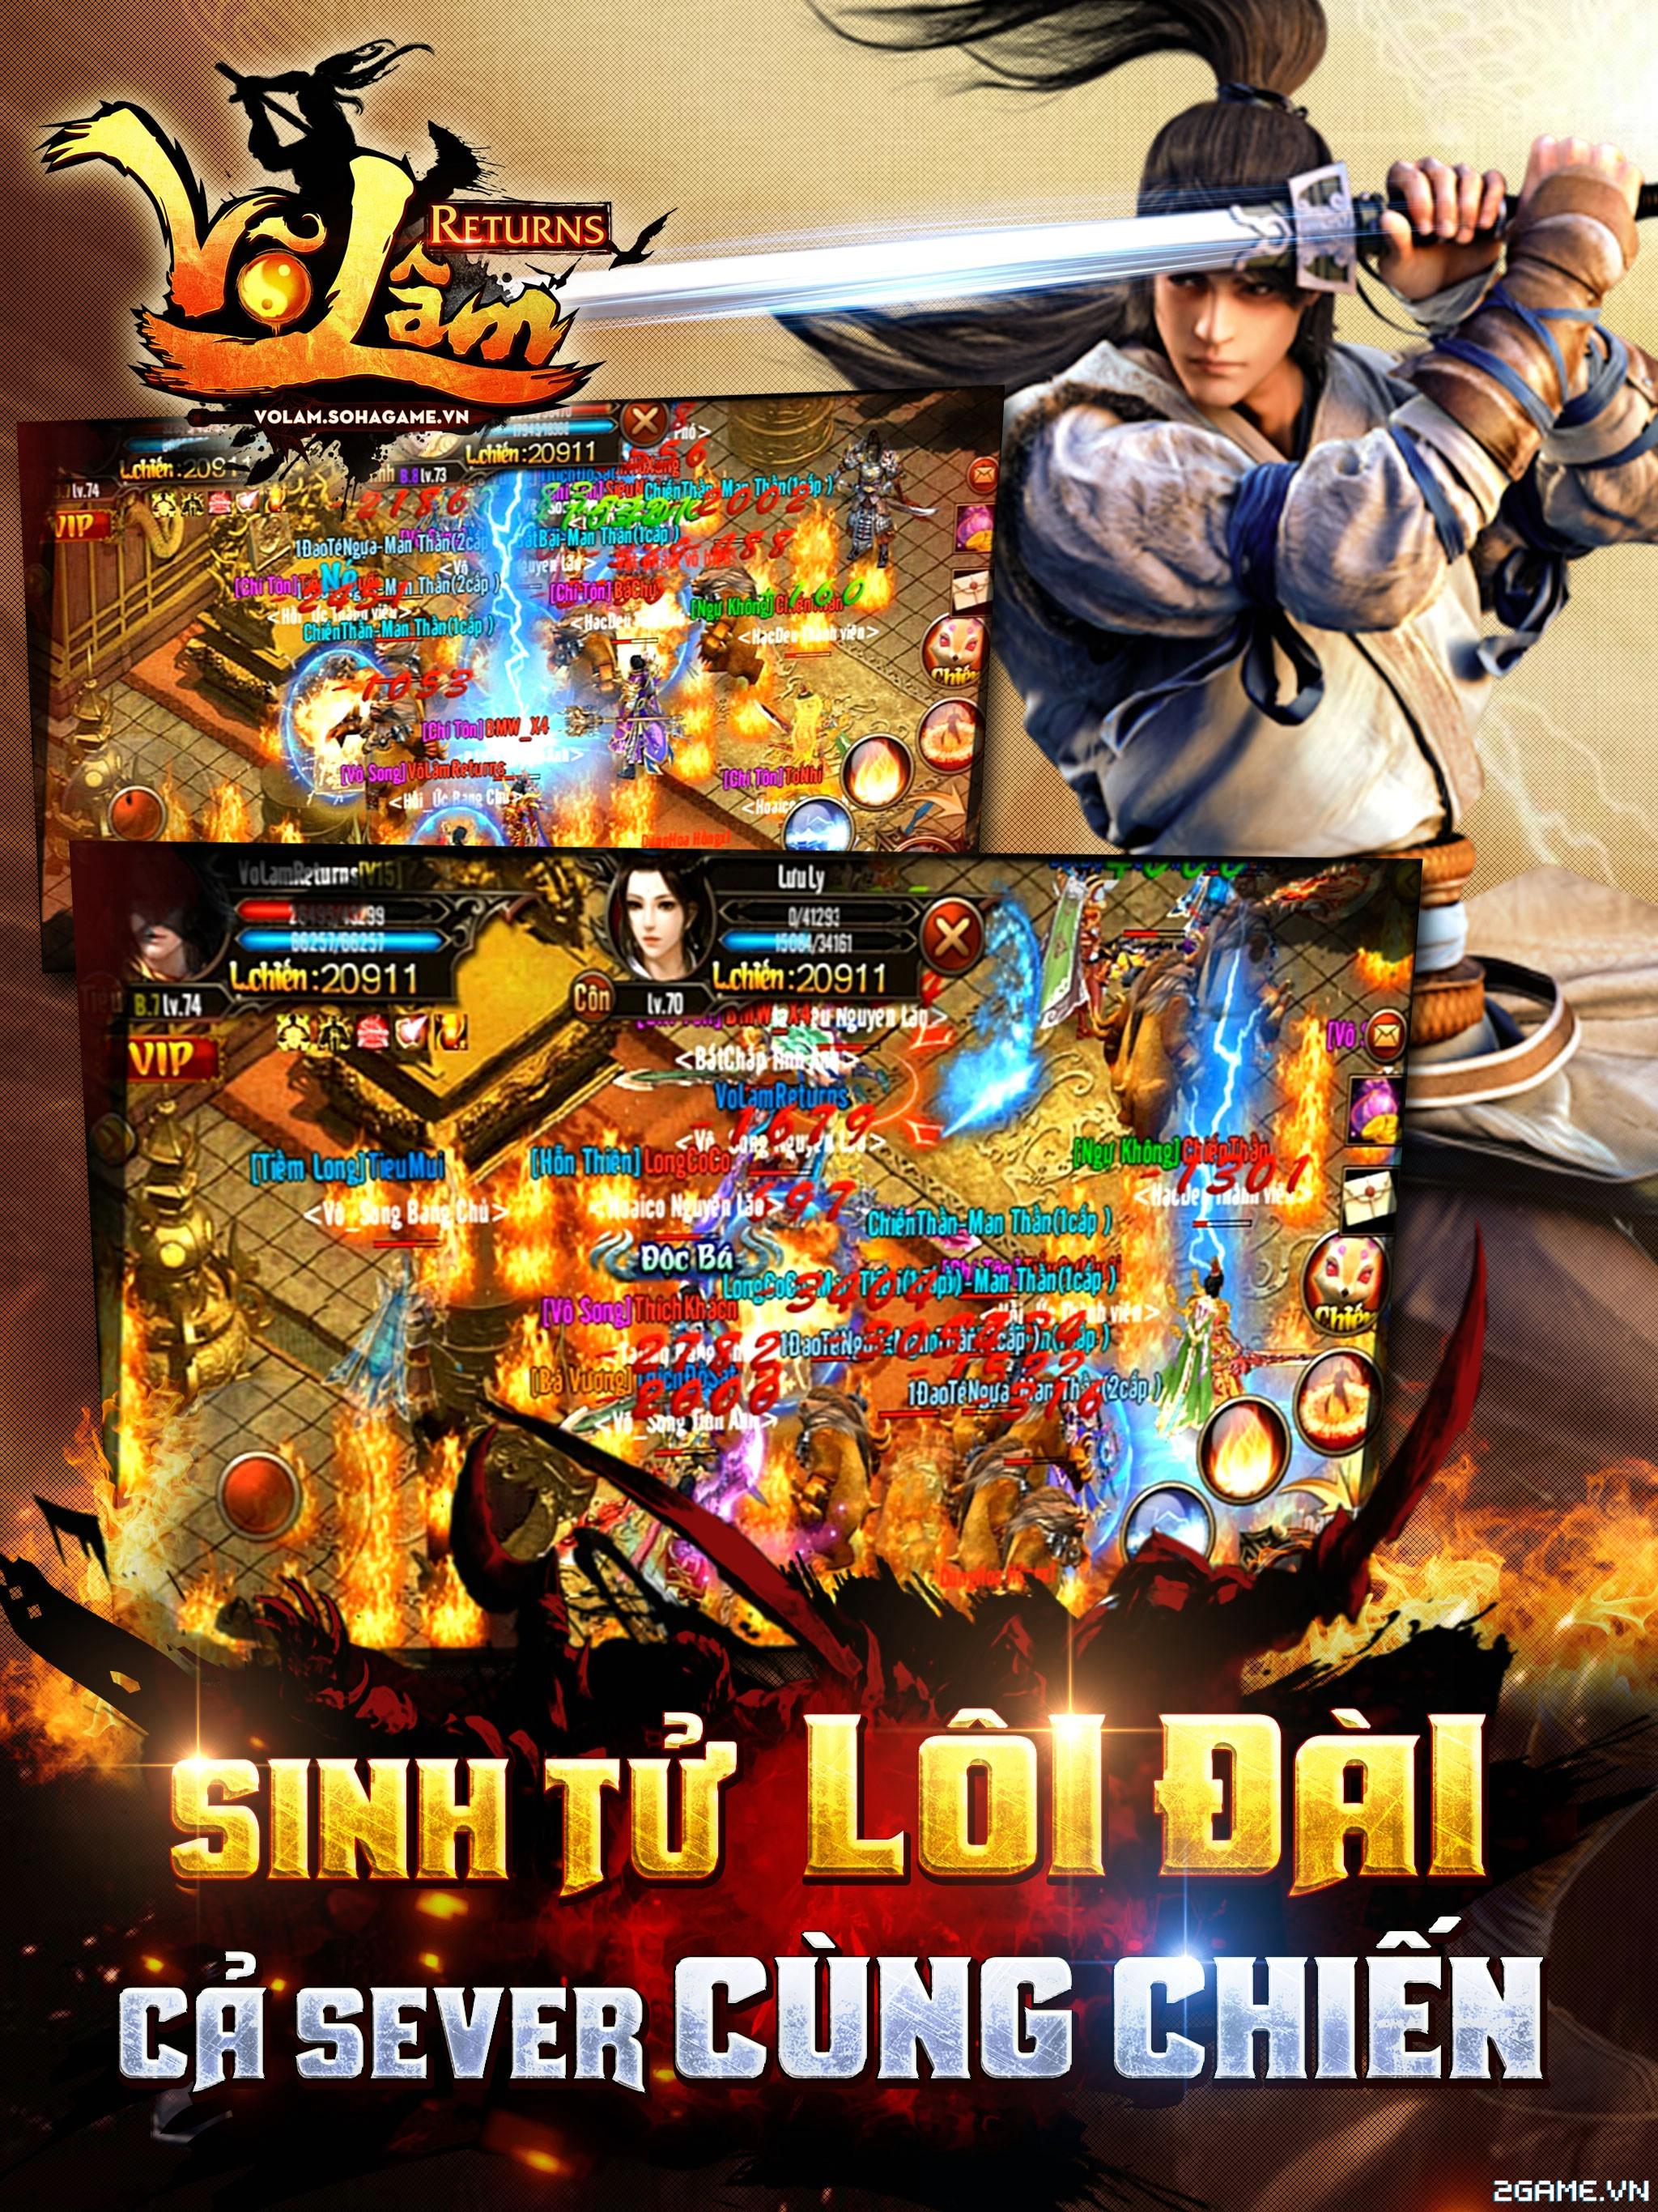 Võ Lâm Returns – Hoạt Động Lôi Đài Sinh Tử